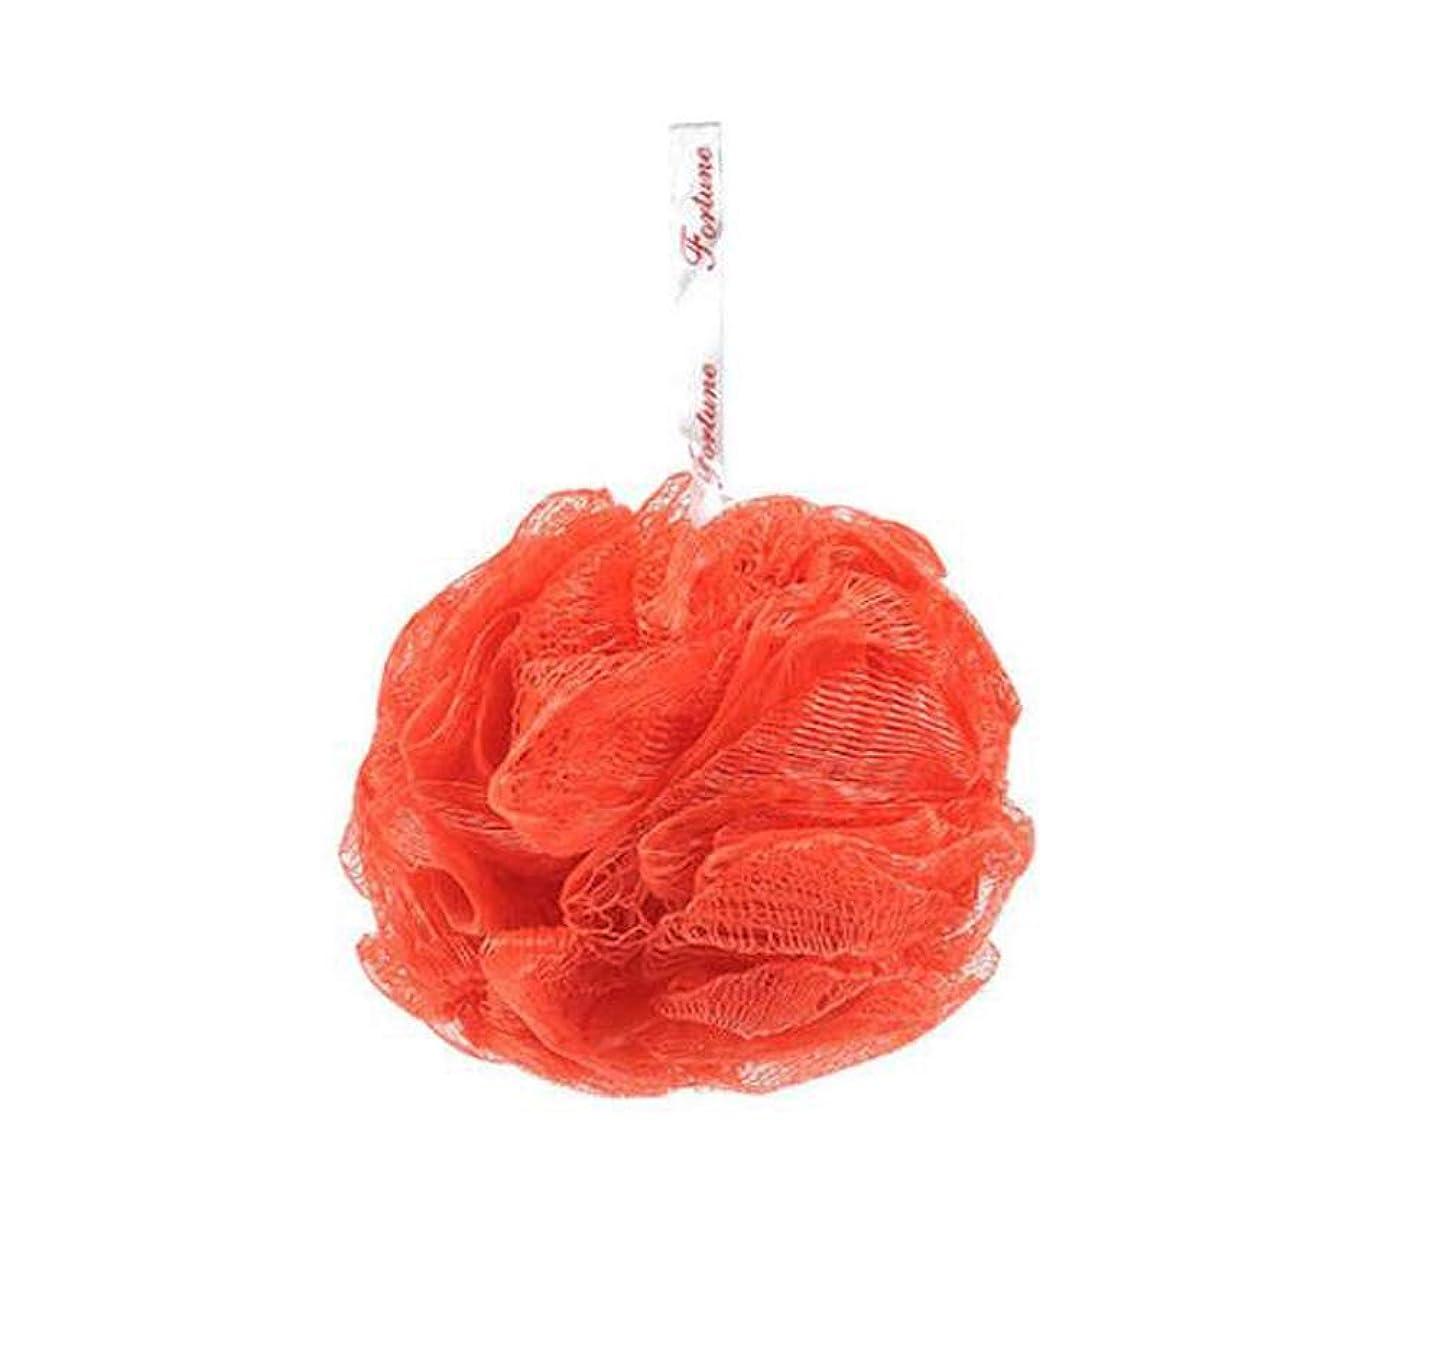 果てしないチャレンジ居心地の良いSZB フラワーボール 泡立てネット ボディウォッシュボール ボディー洗い 石鹸 シャンプー 泡立つ ふわふわ 色ランダム (4個セット)